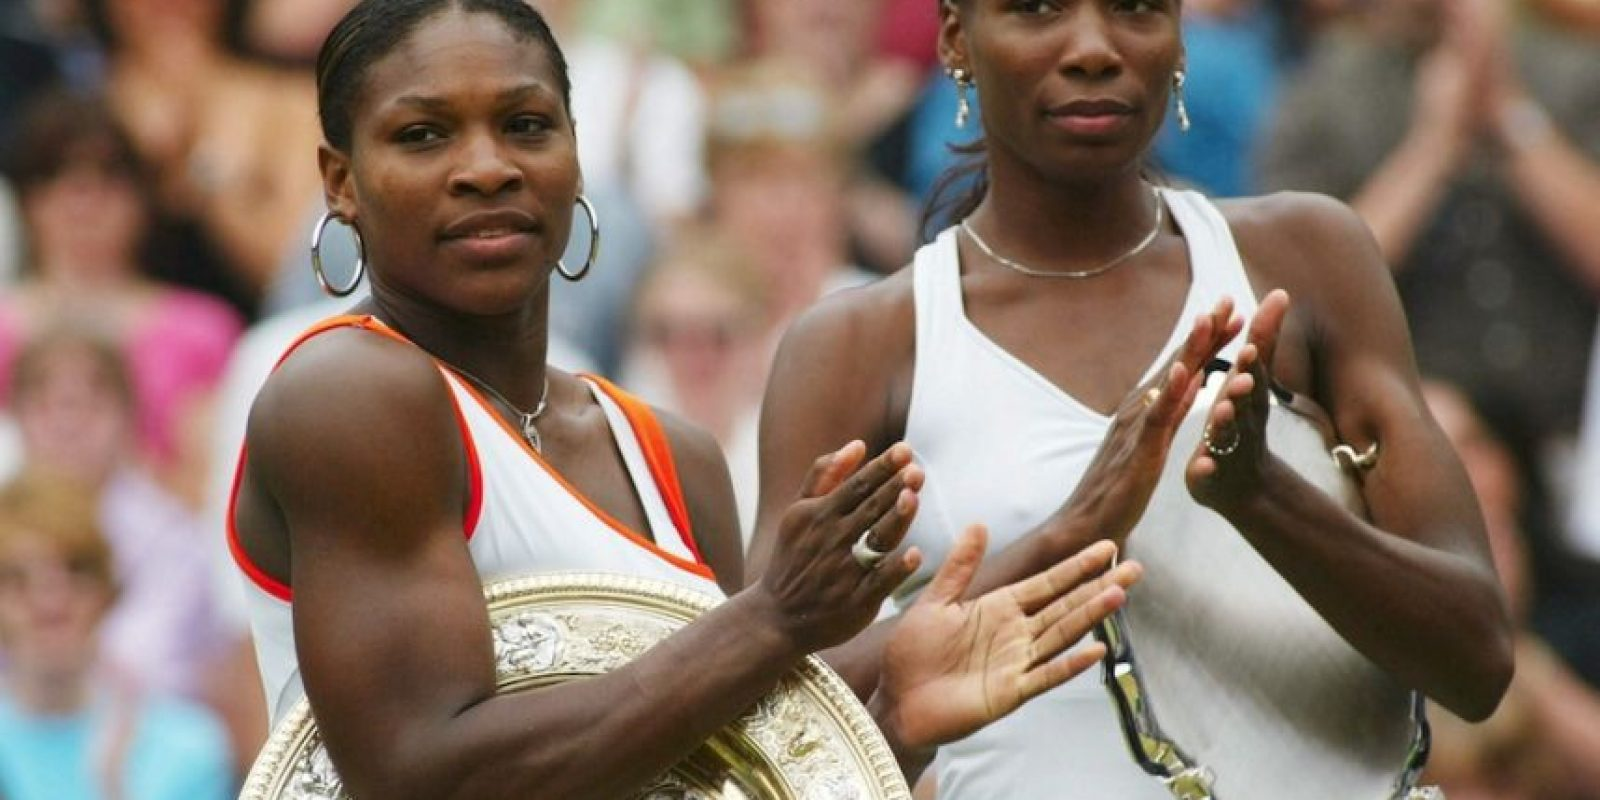 Serena ganó en tres sets contra Venus Williams. Foto:Getty Images